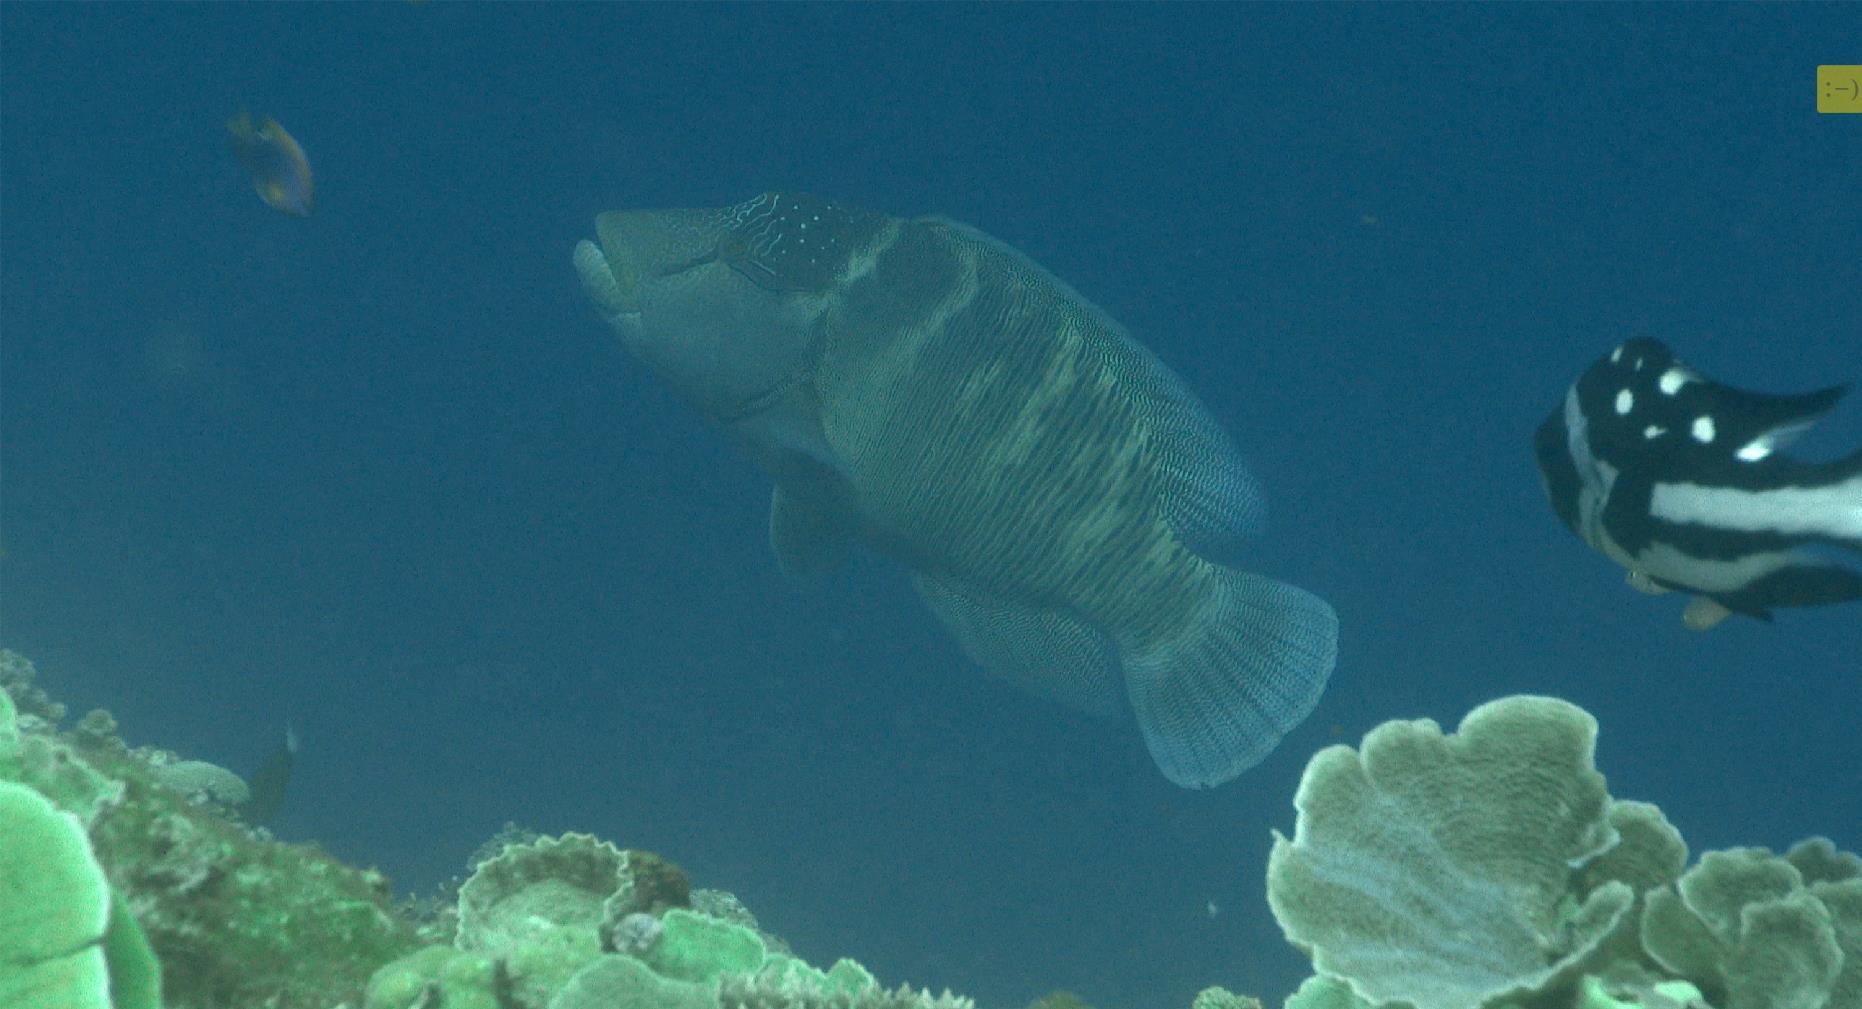 前往南沙群岛中的太平岛海域进行水产资源调查,太平岛海底生态透过